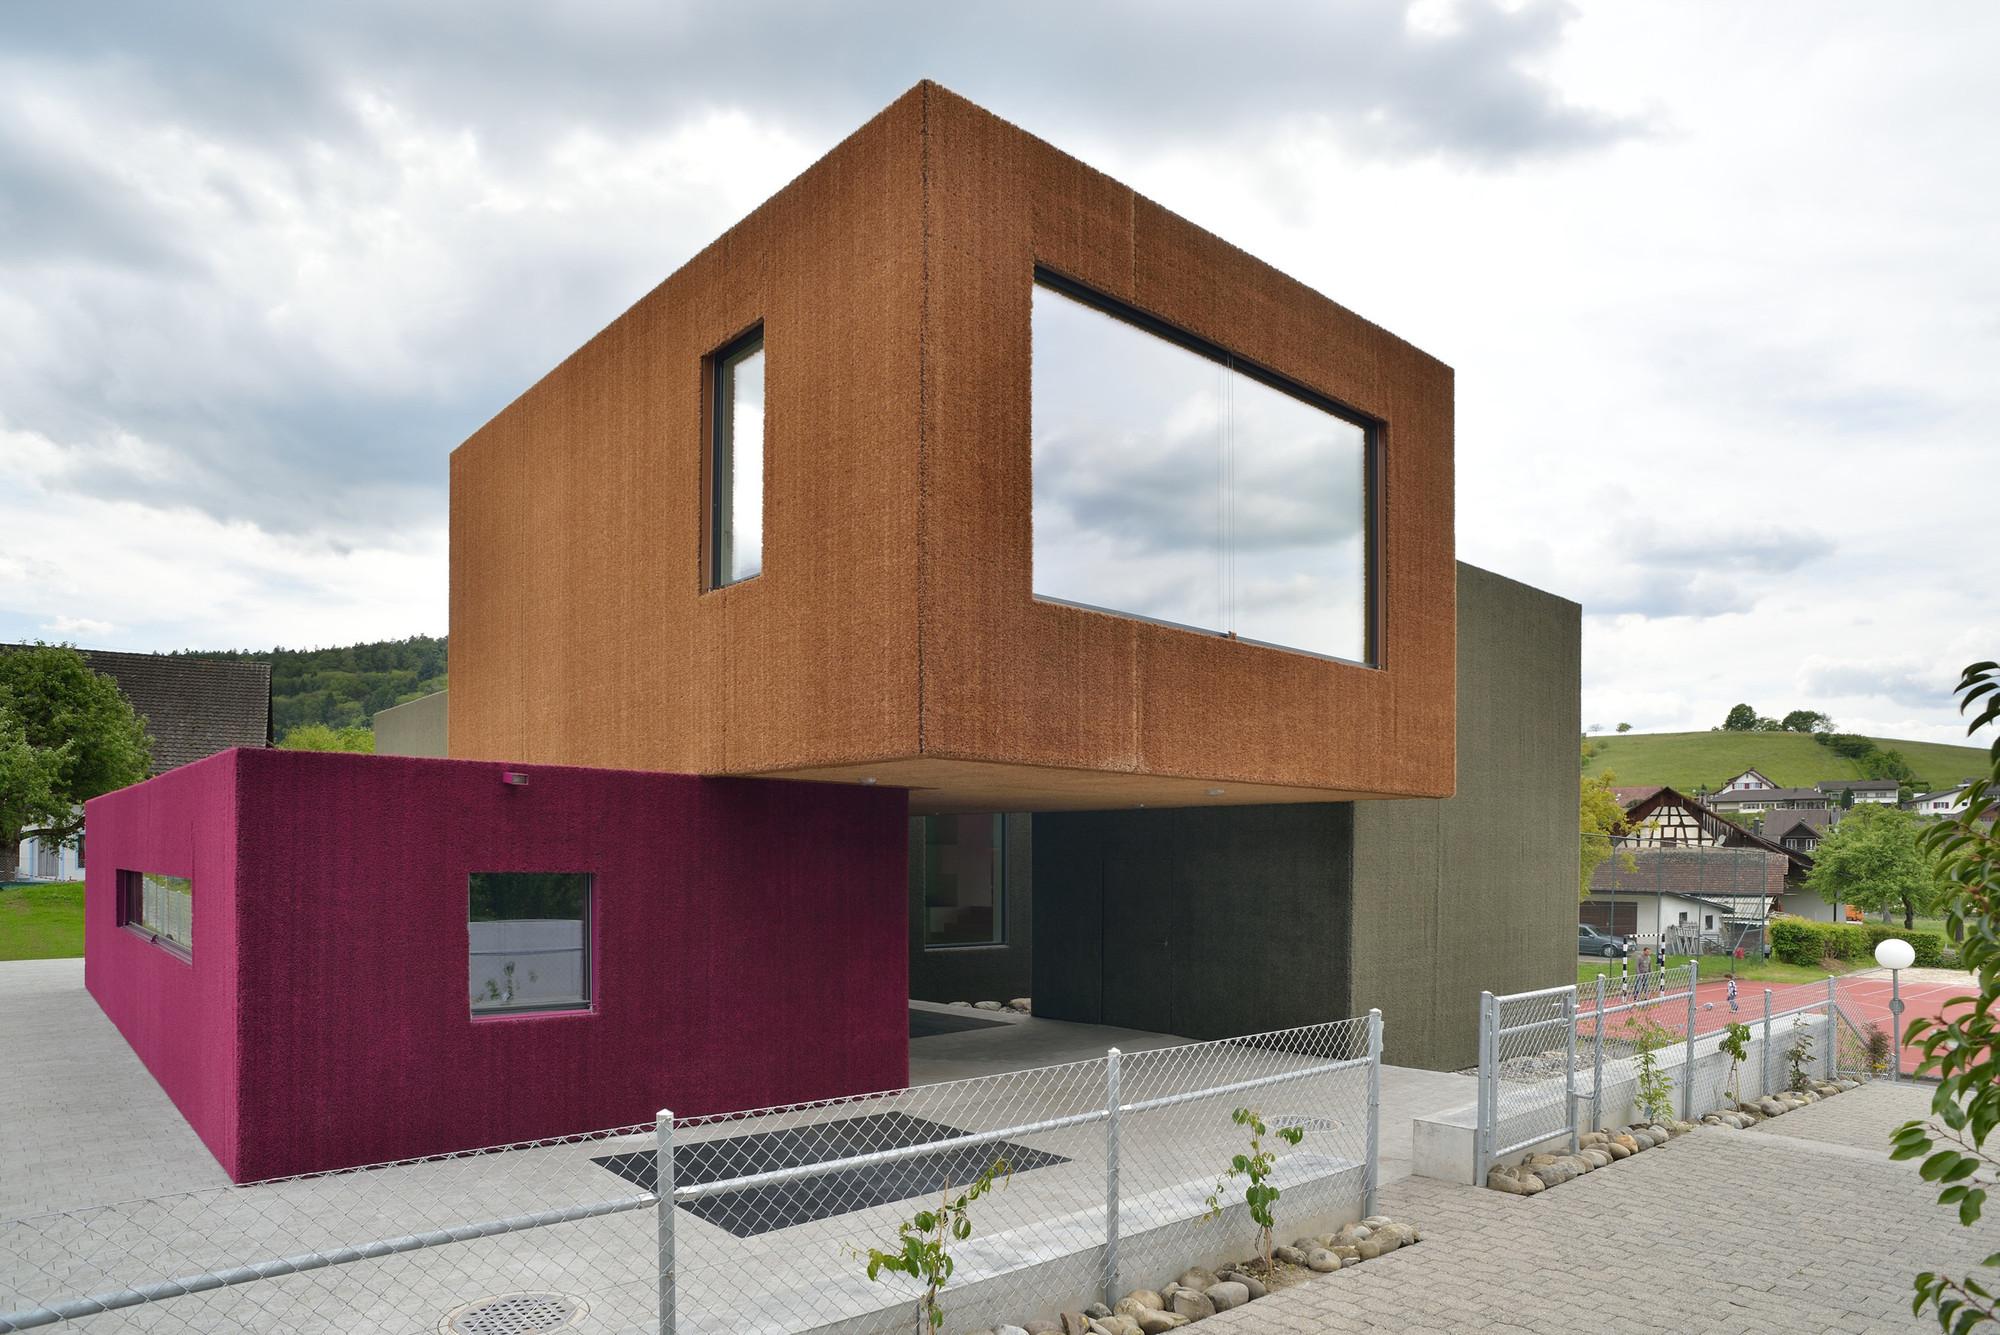 New Weiach Kindergarten / L3P Architekten, © Sabrina Scheja